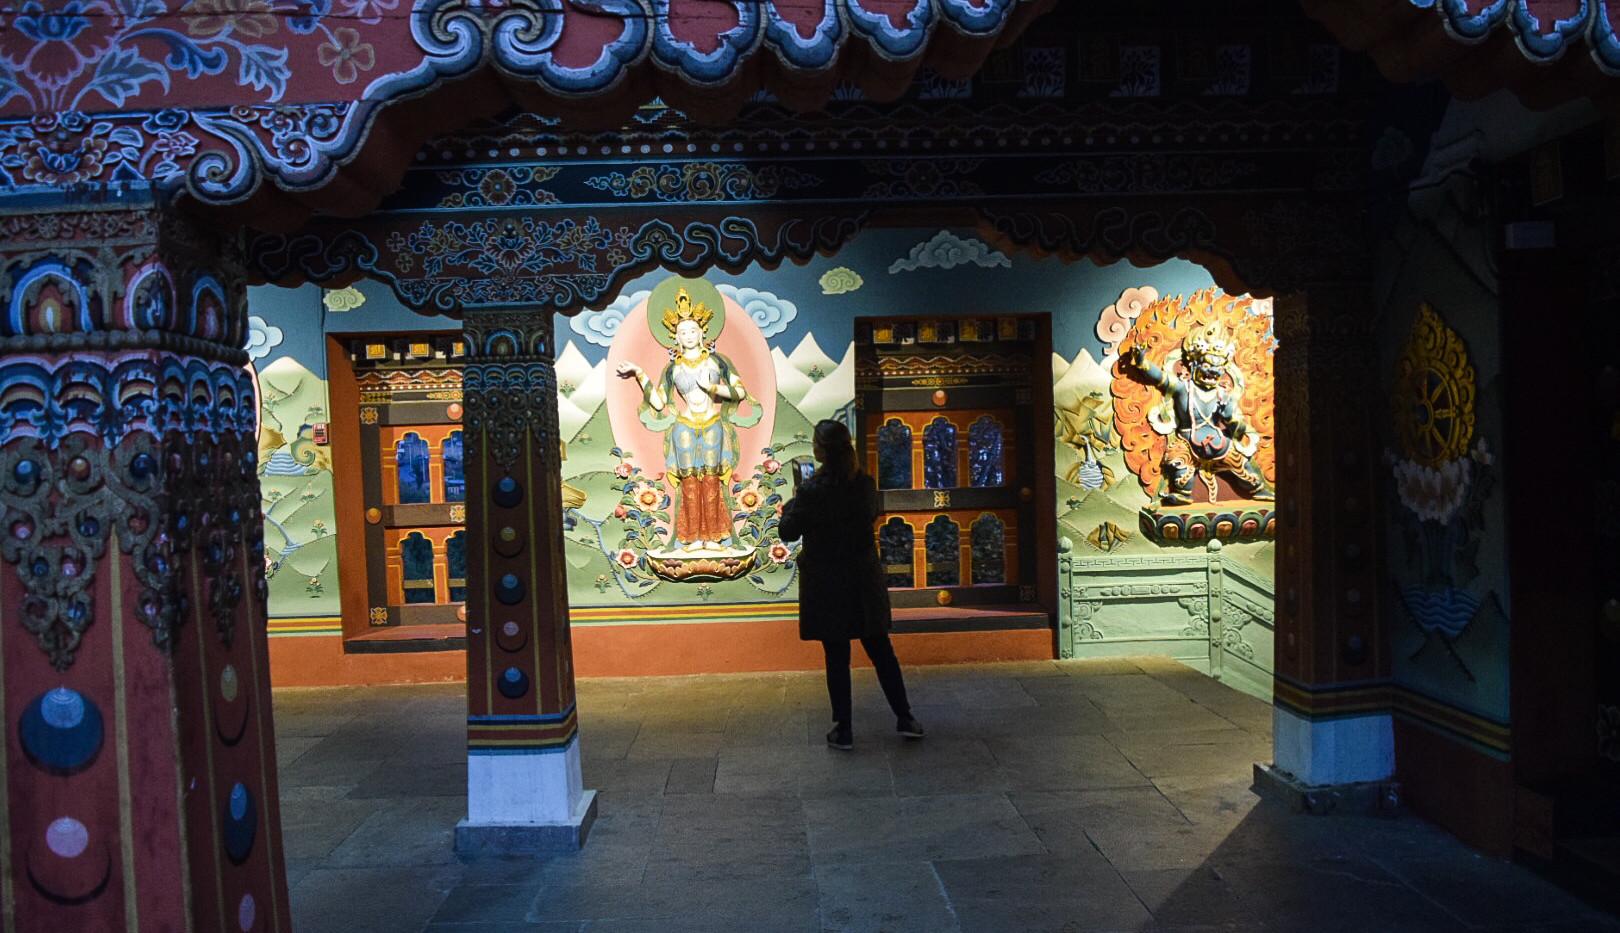 guest-admiring-wall-carvings.jpg